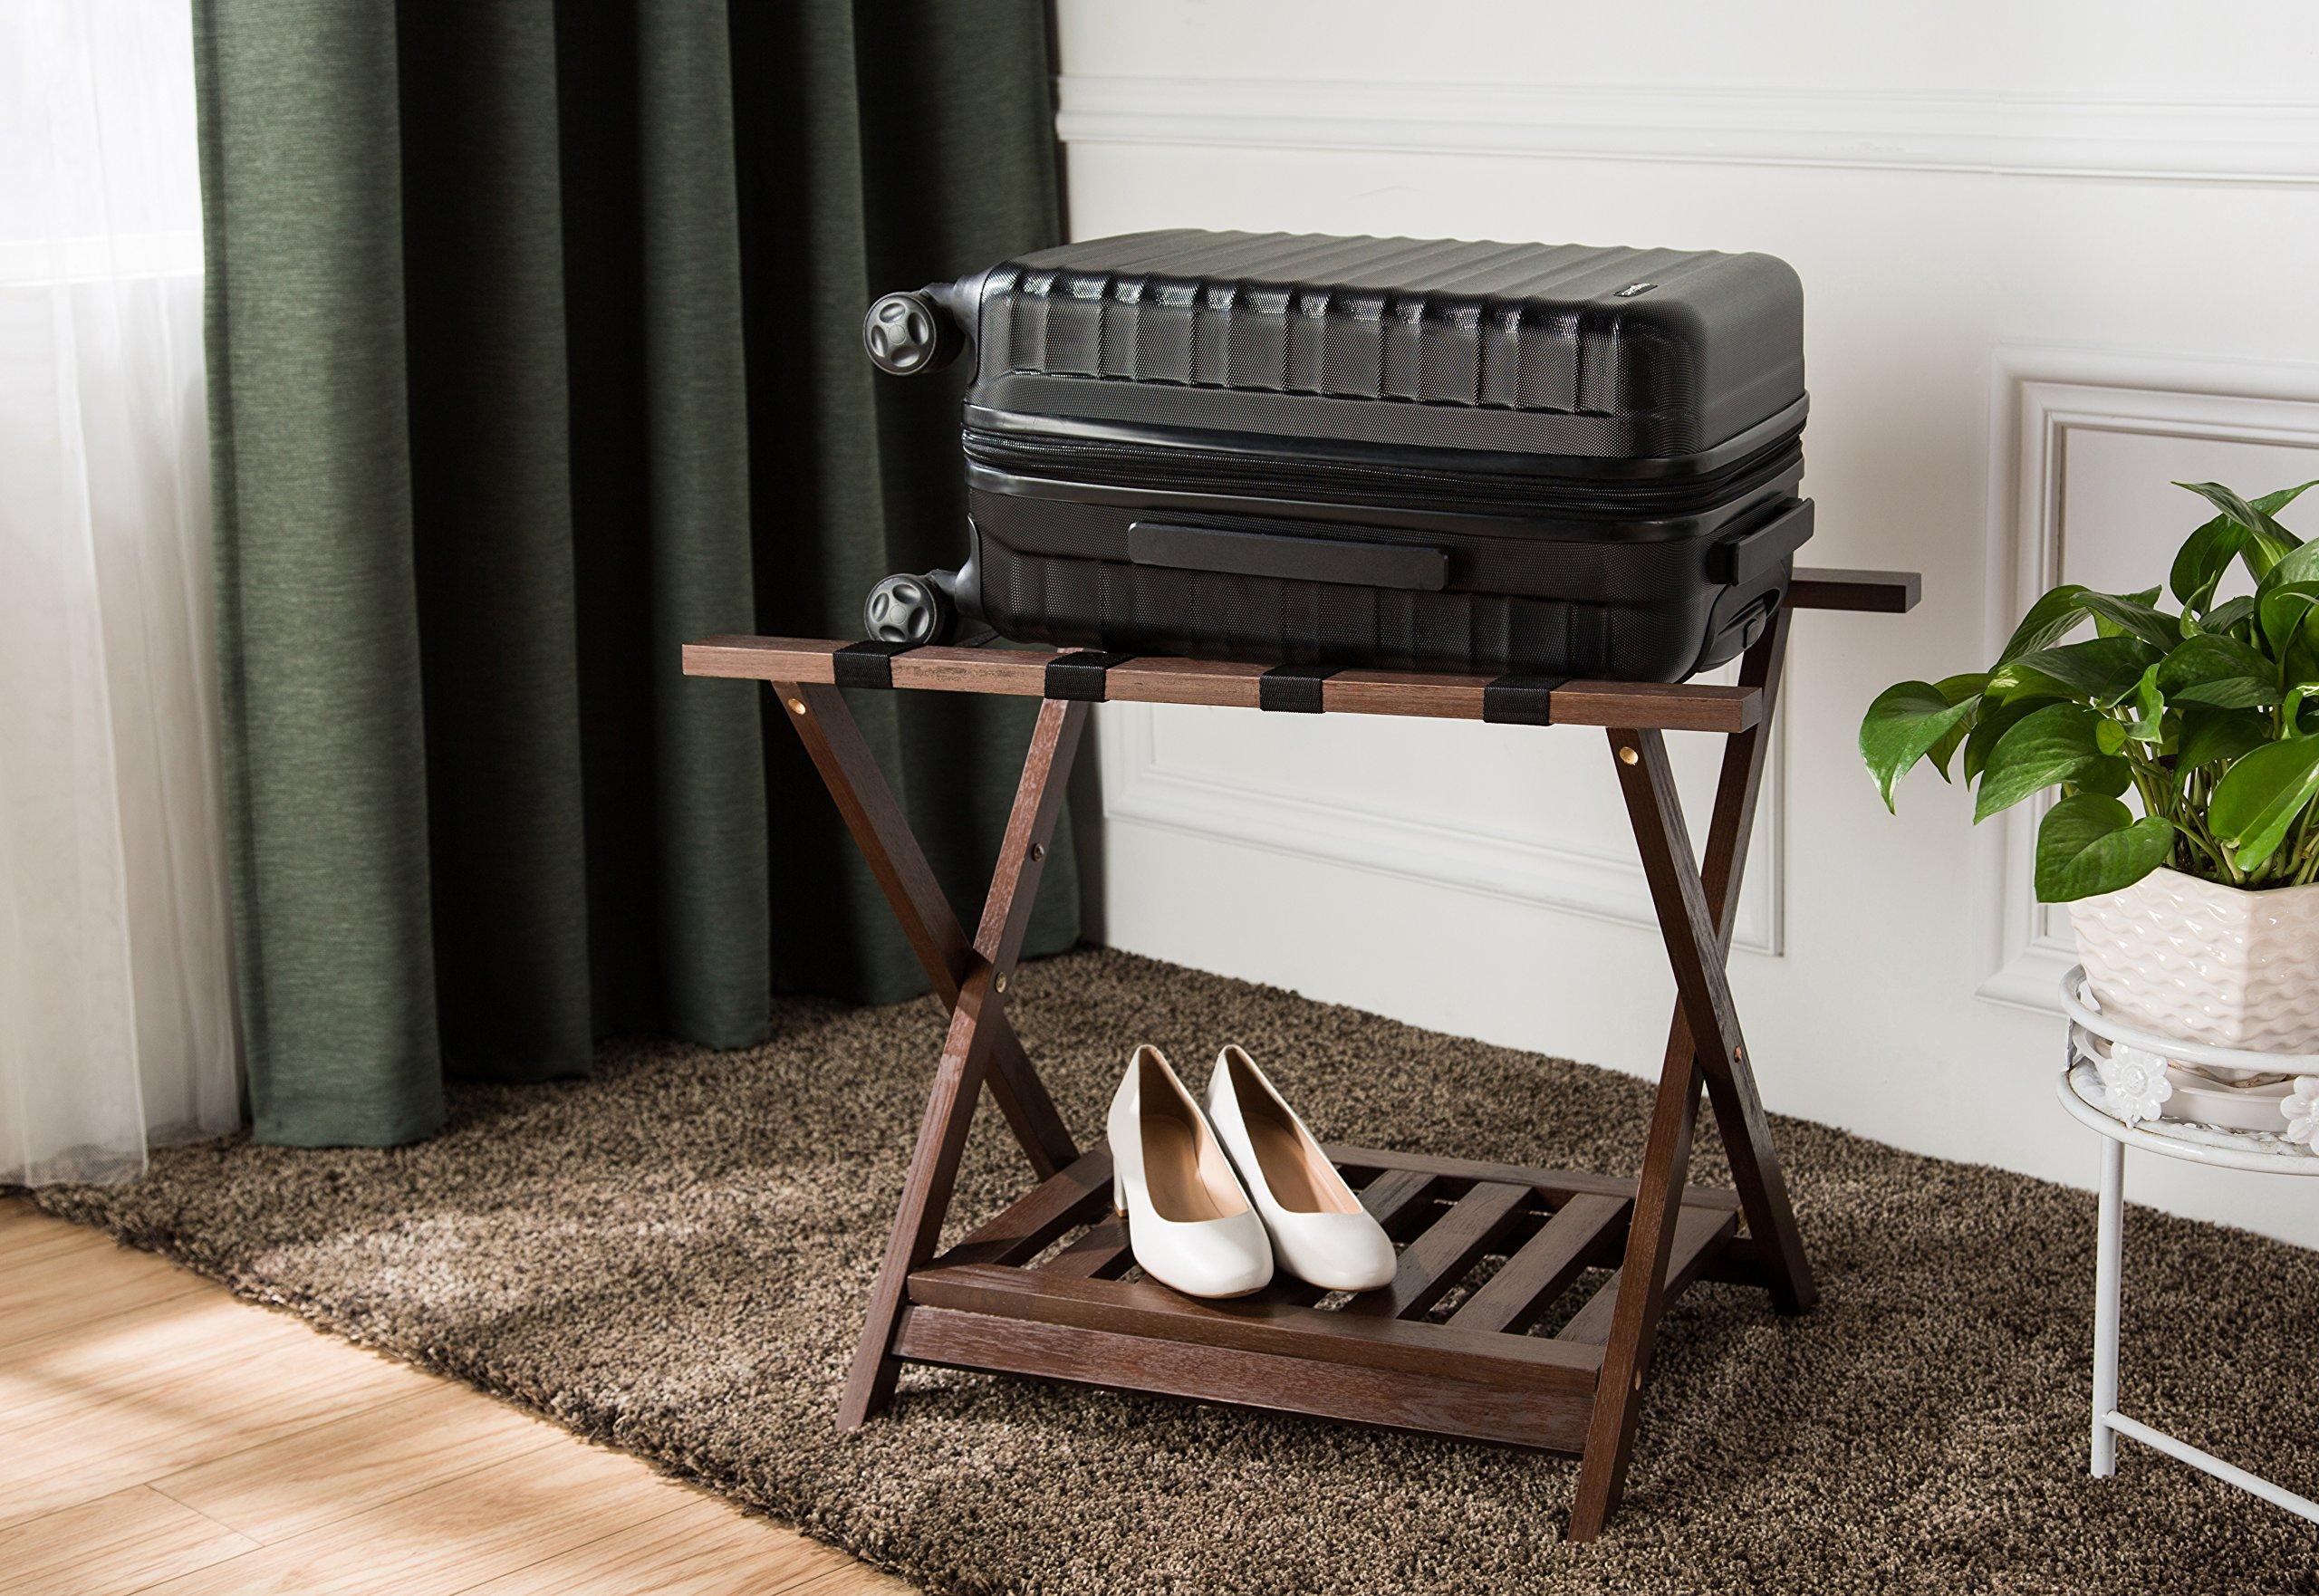 AmazonBasics Luggage Rack with Shelf - Espresso by AmazonBasics (Image #4)